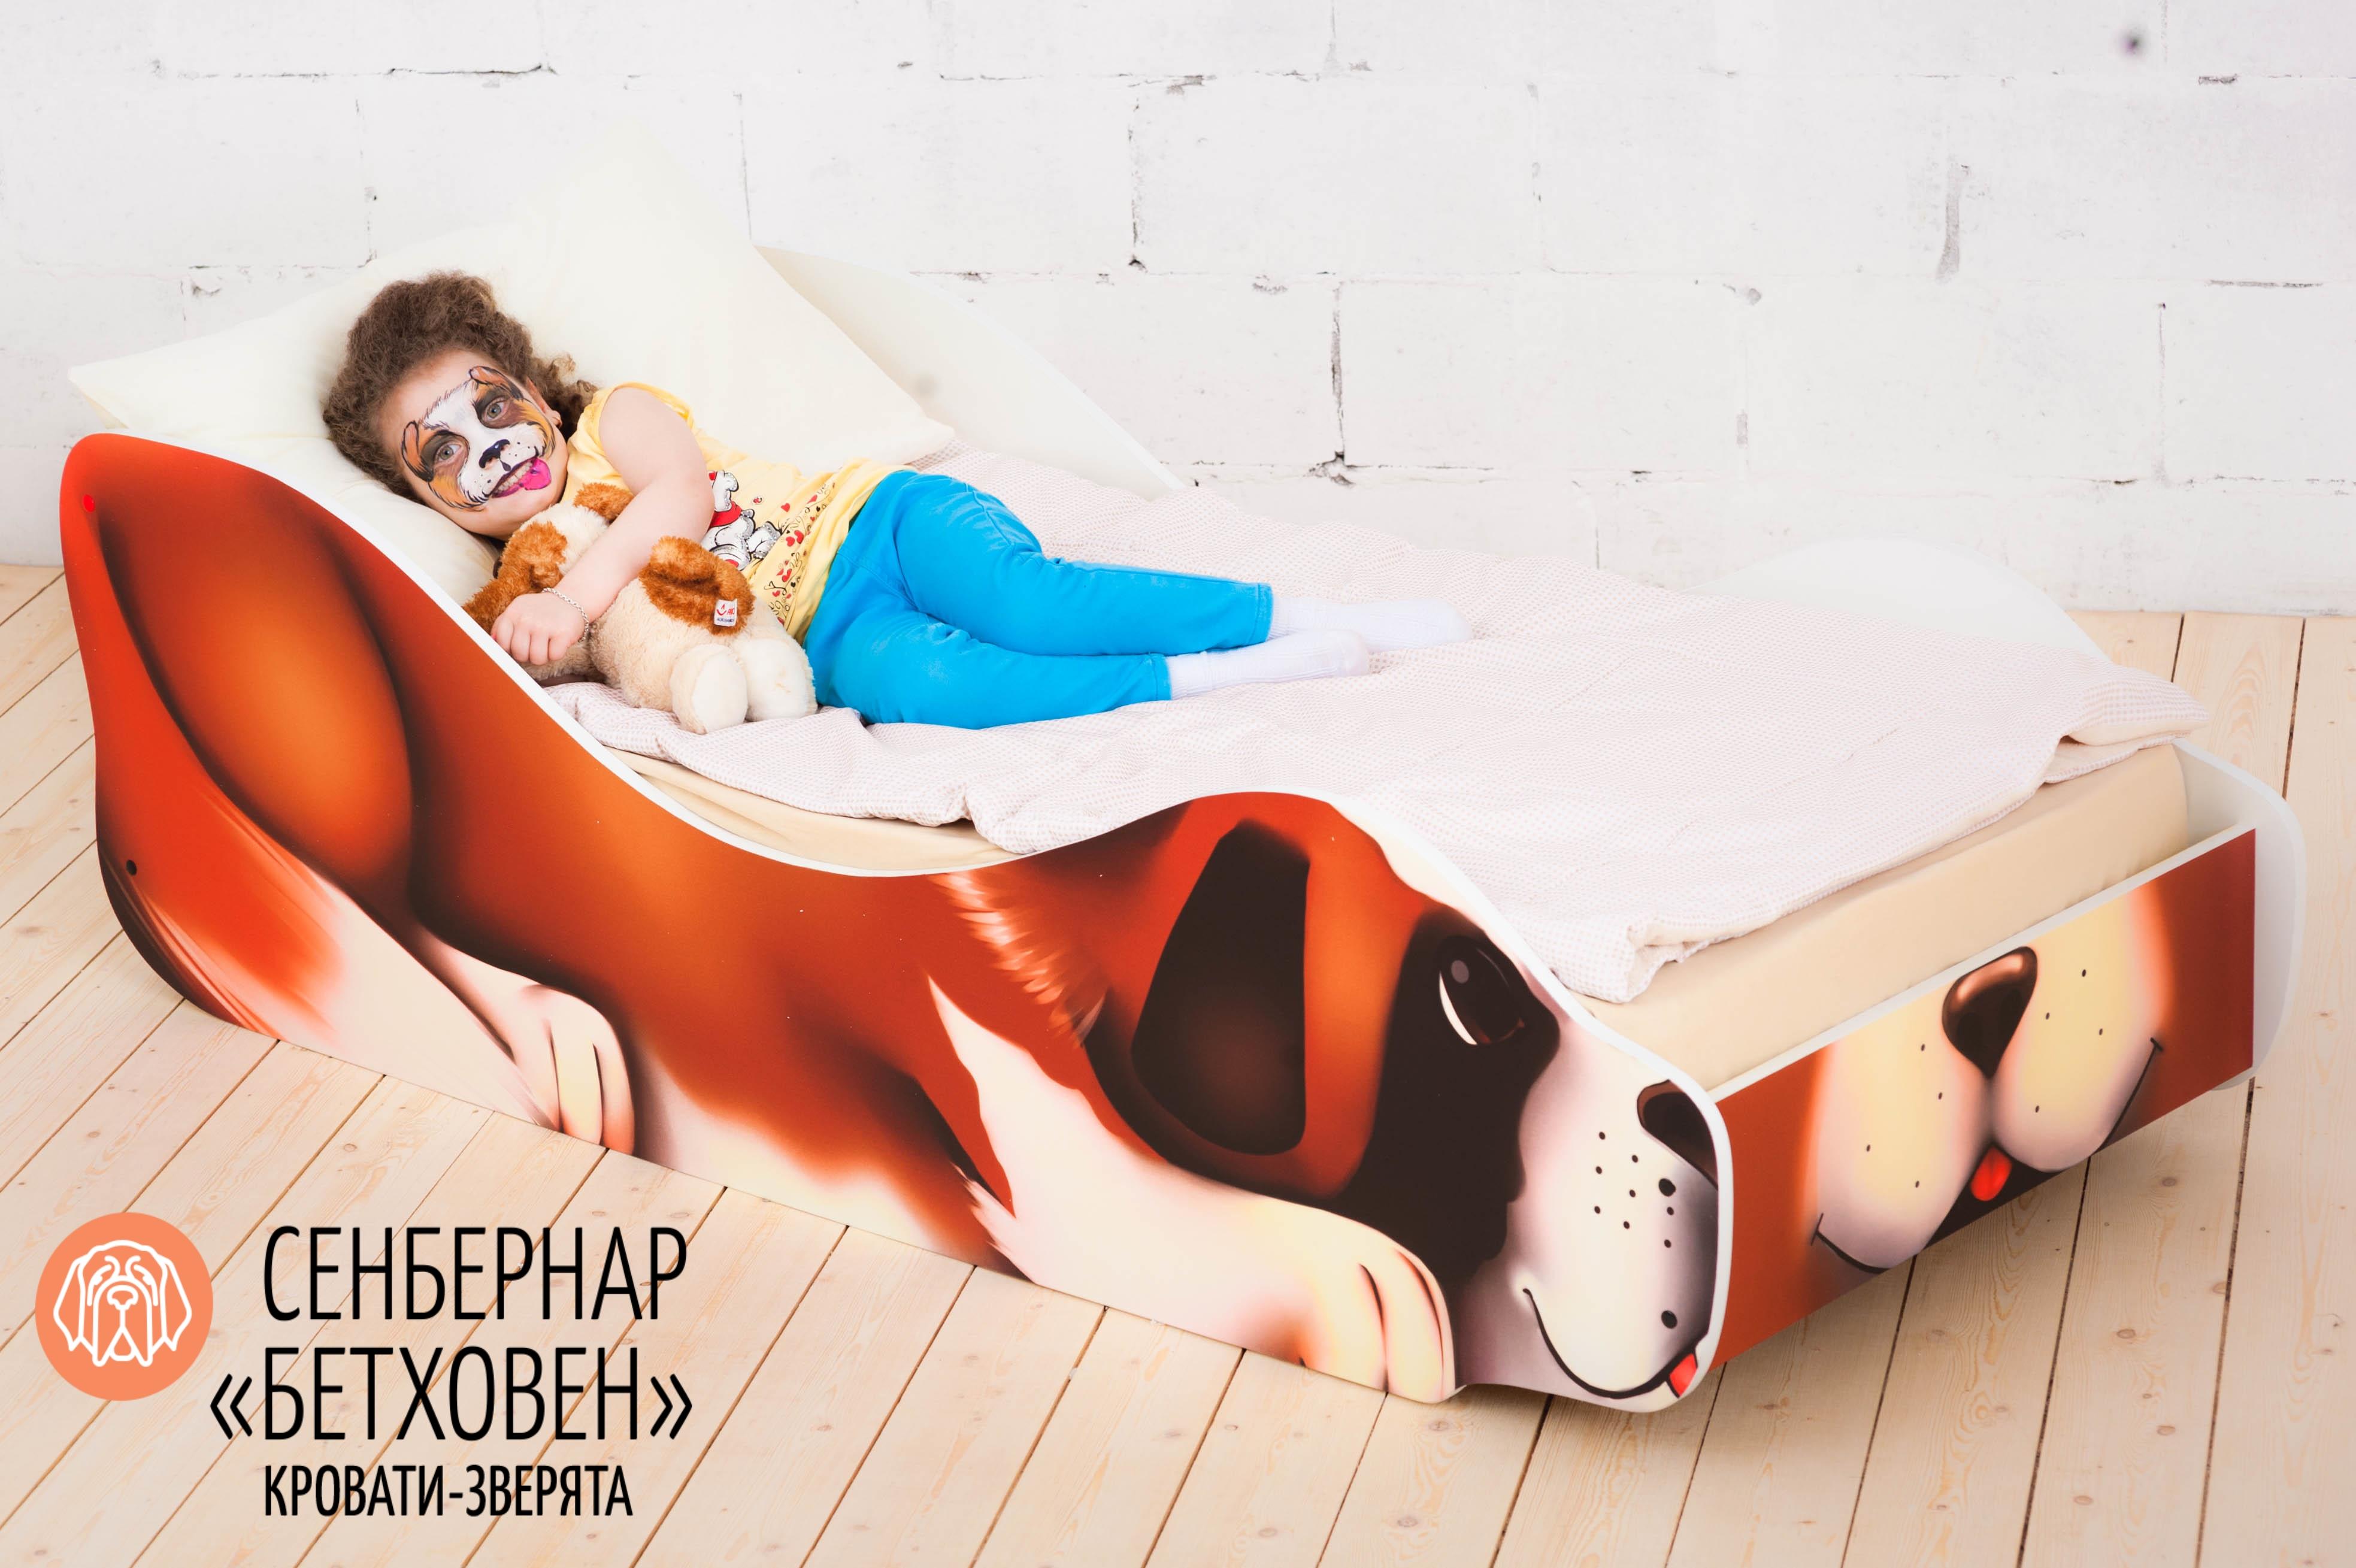 Детская кровать-зверенок -Сенбернар- Бетховен-4